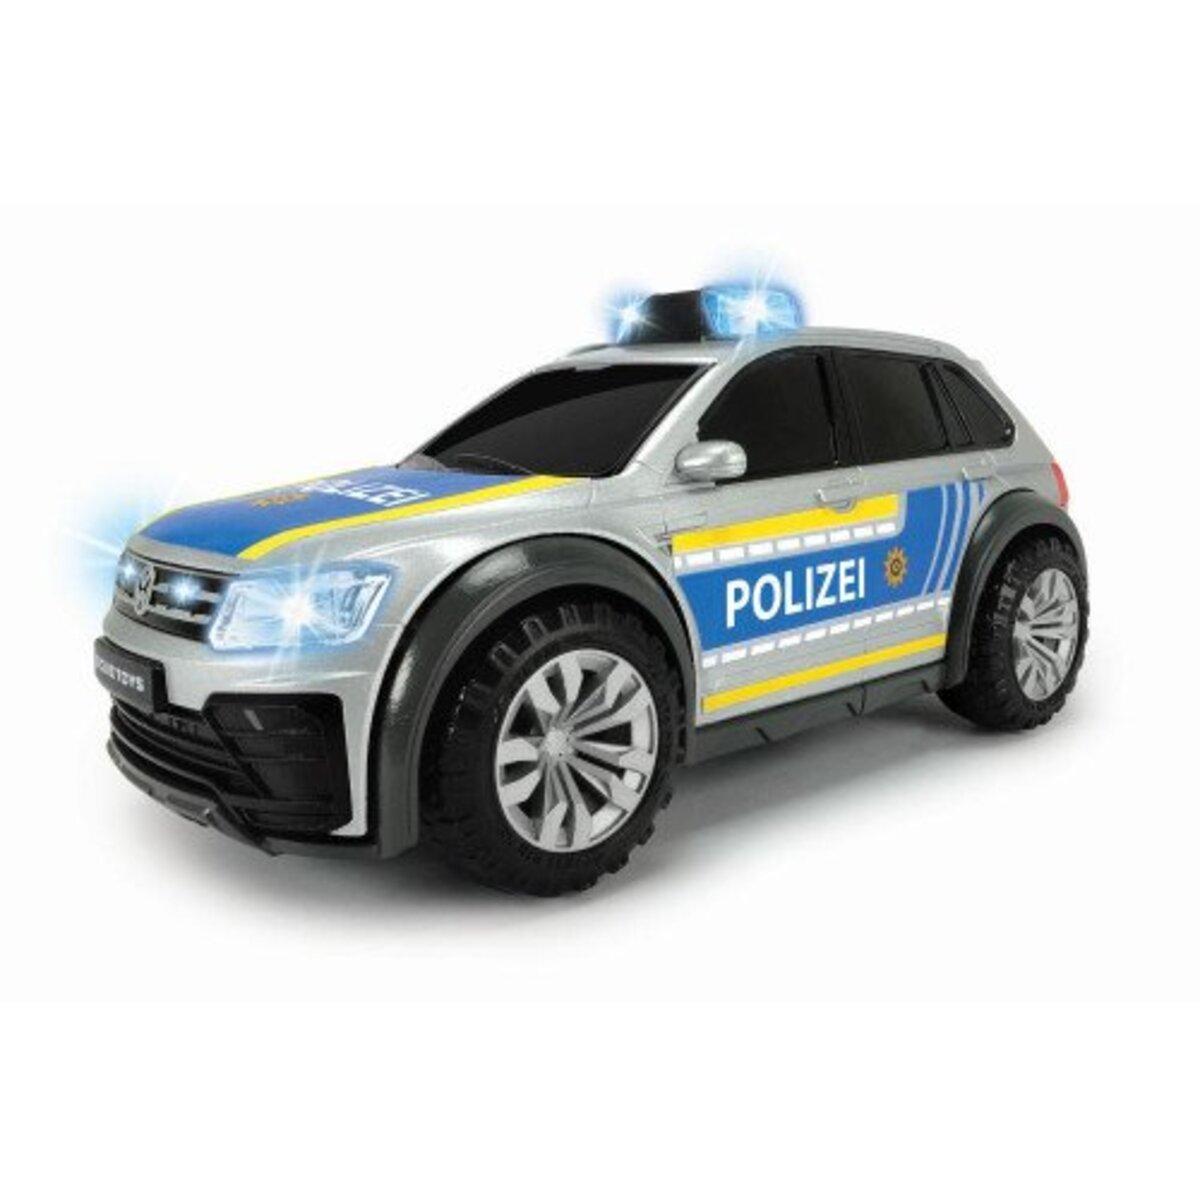 Bild 3 von Dickie VW Tiguan R Line Polizei